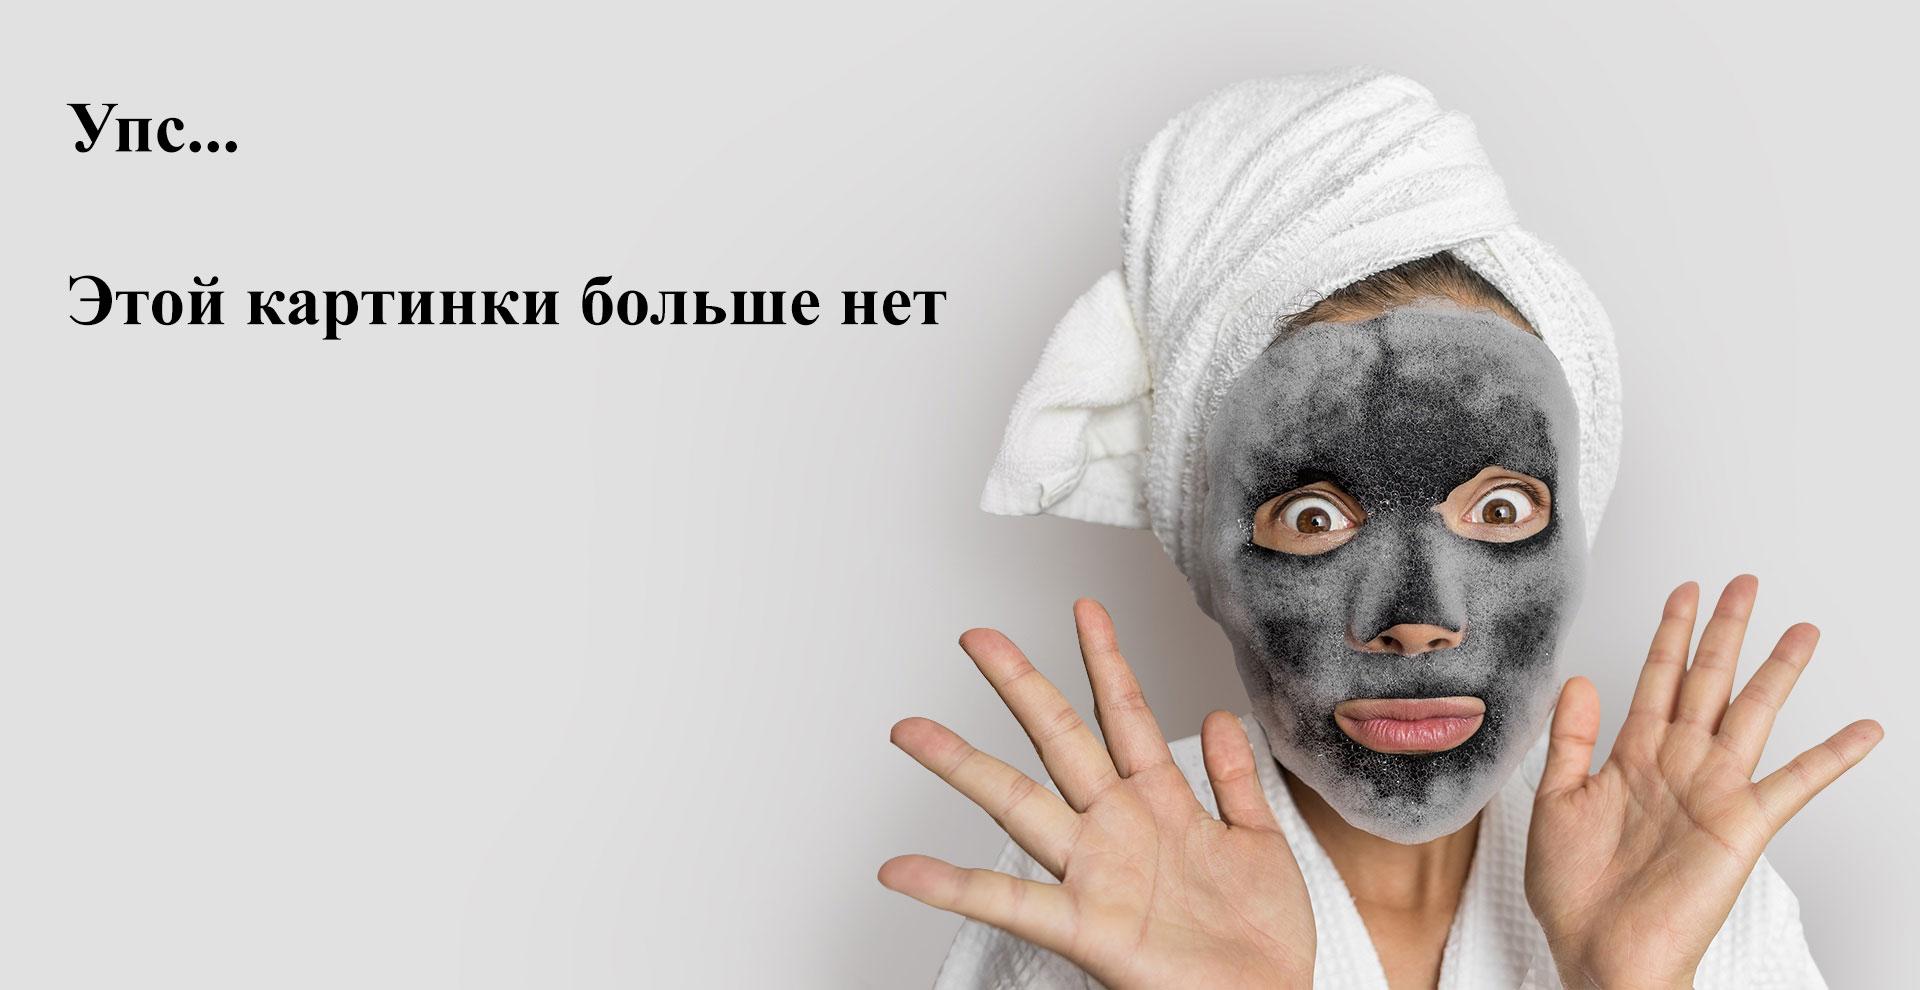 Пакет для педикюрной ванны большой  XХL, 100 шт.